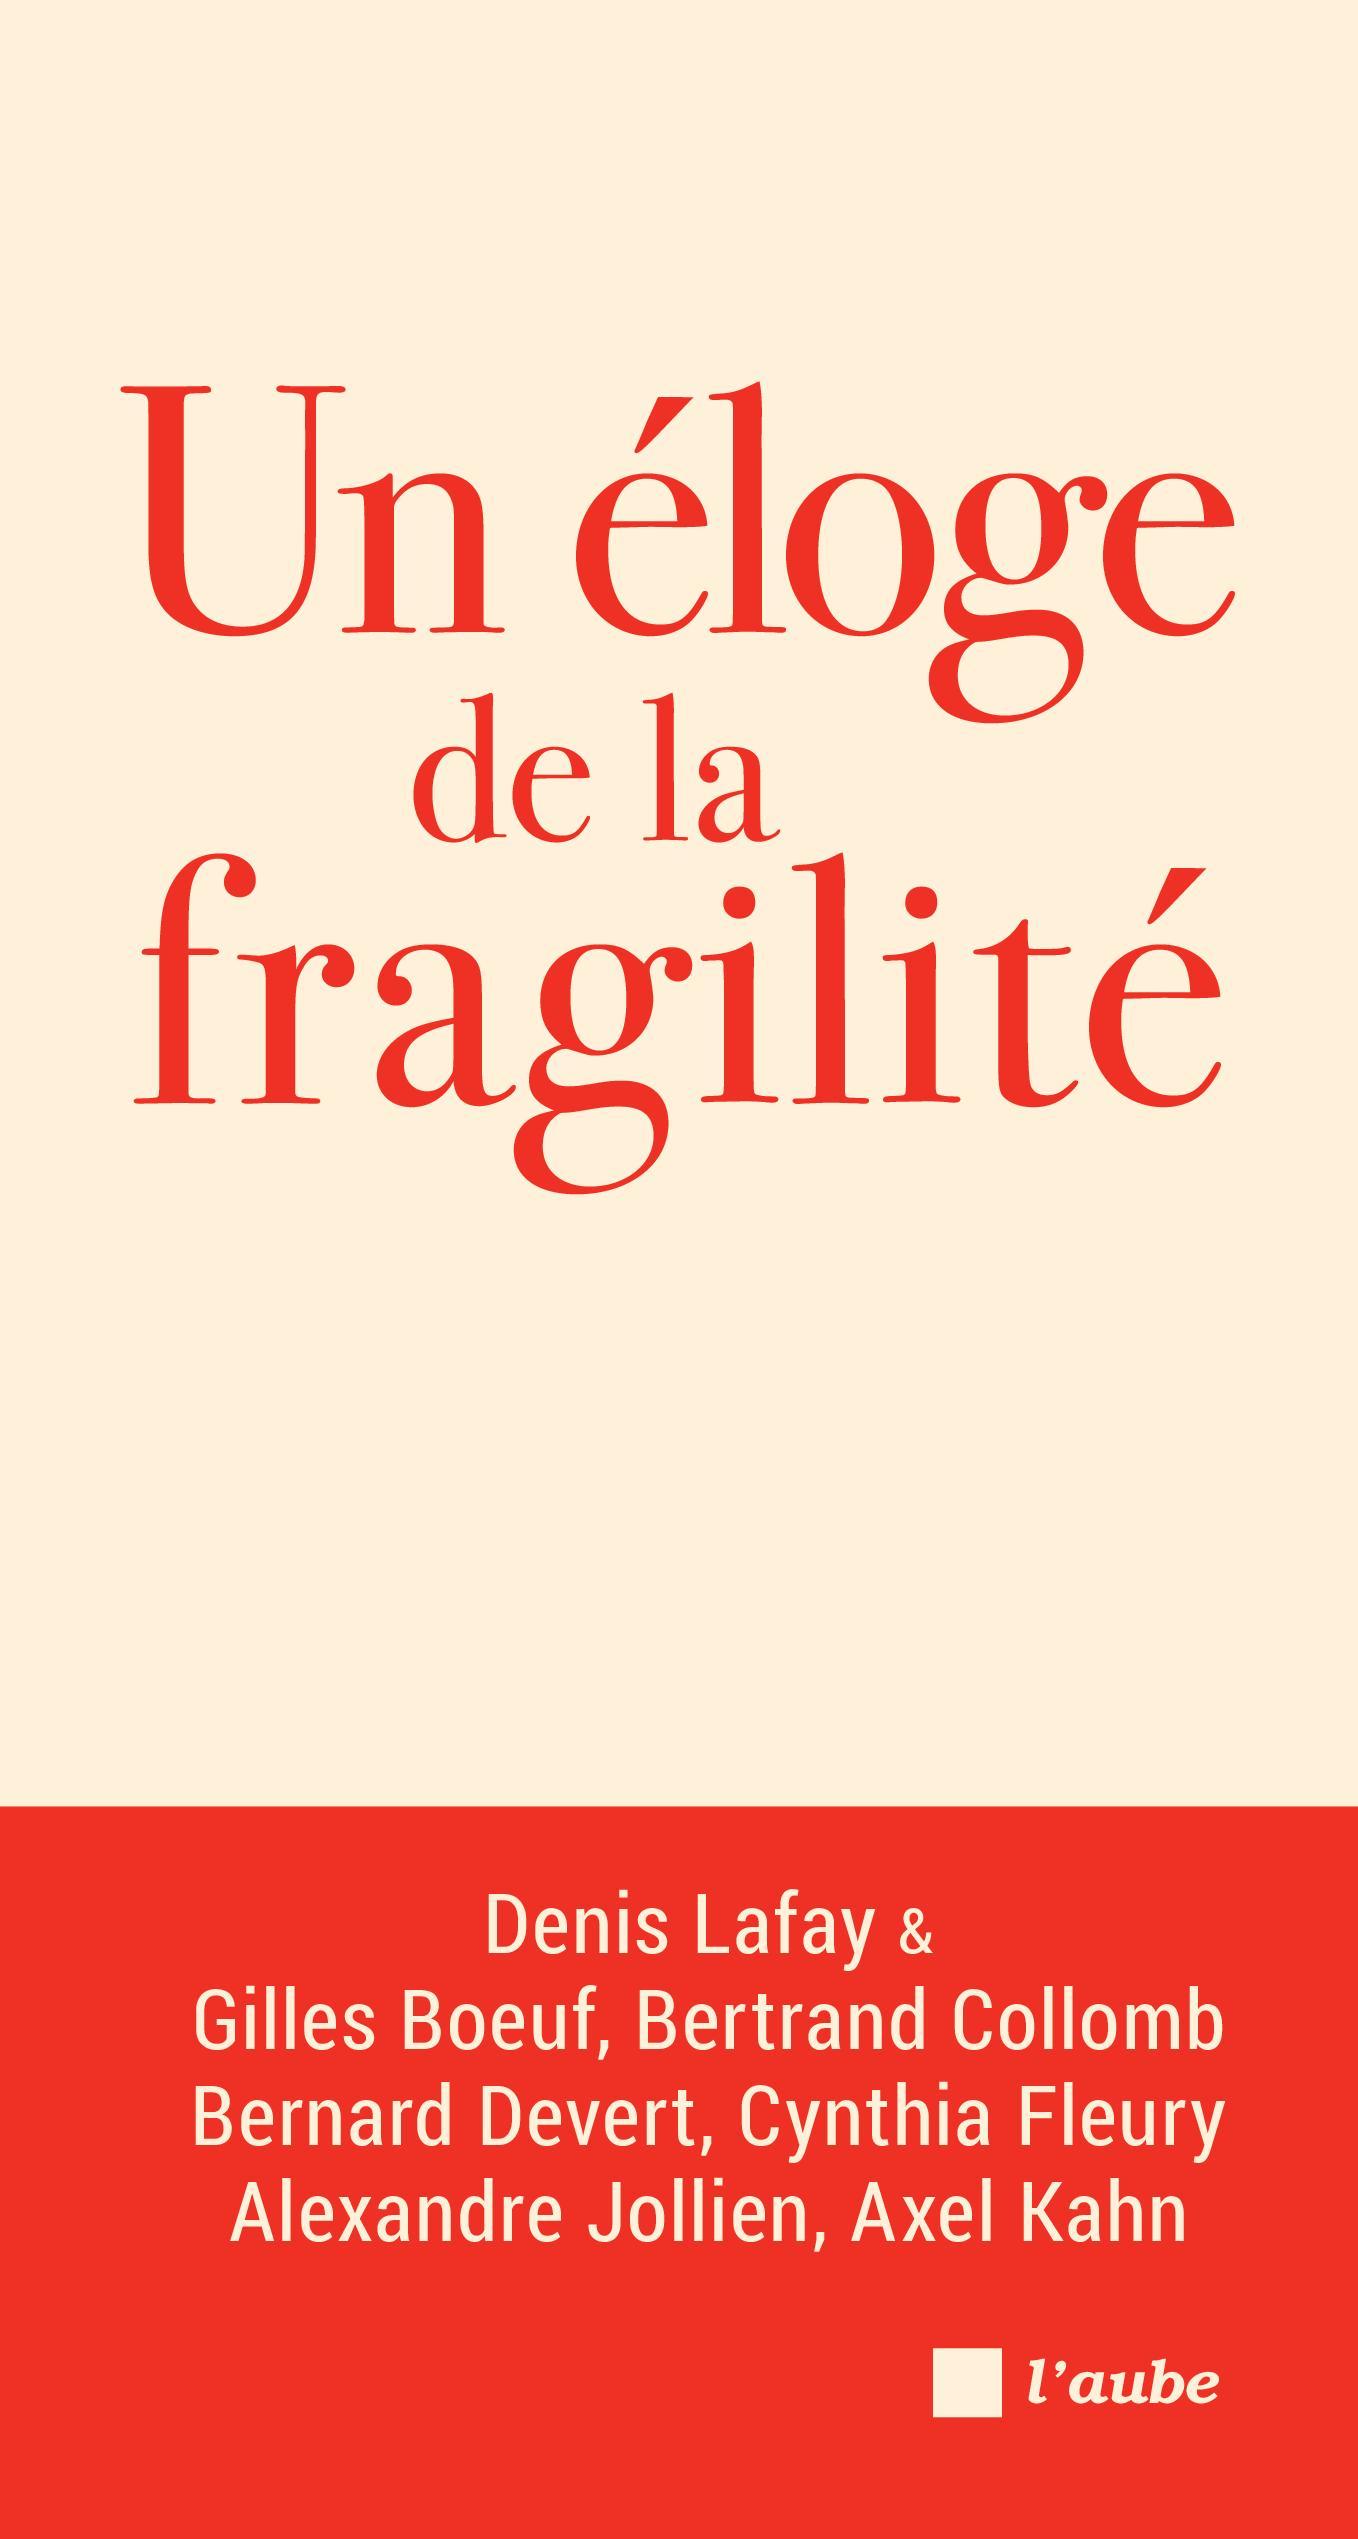 Dialogue sur la fragilité